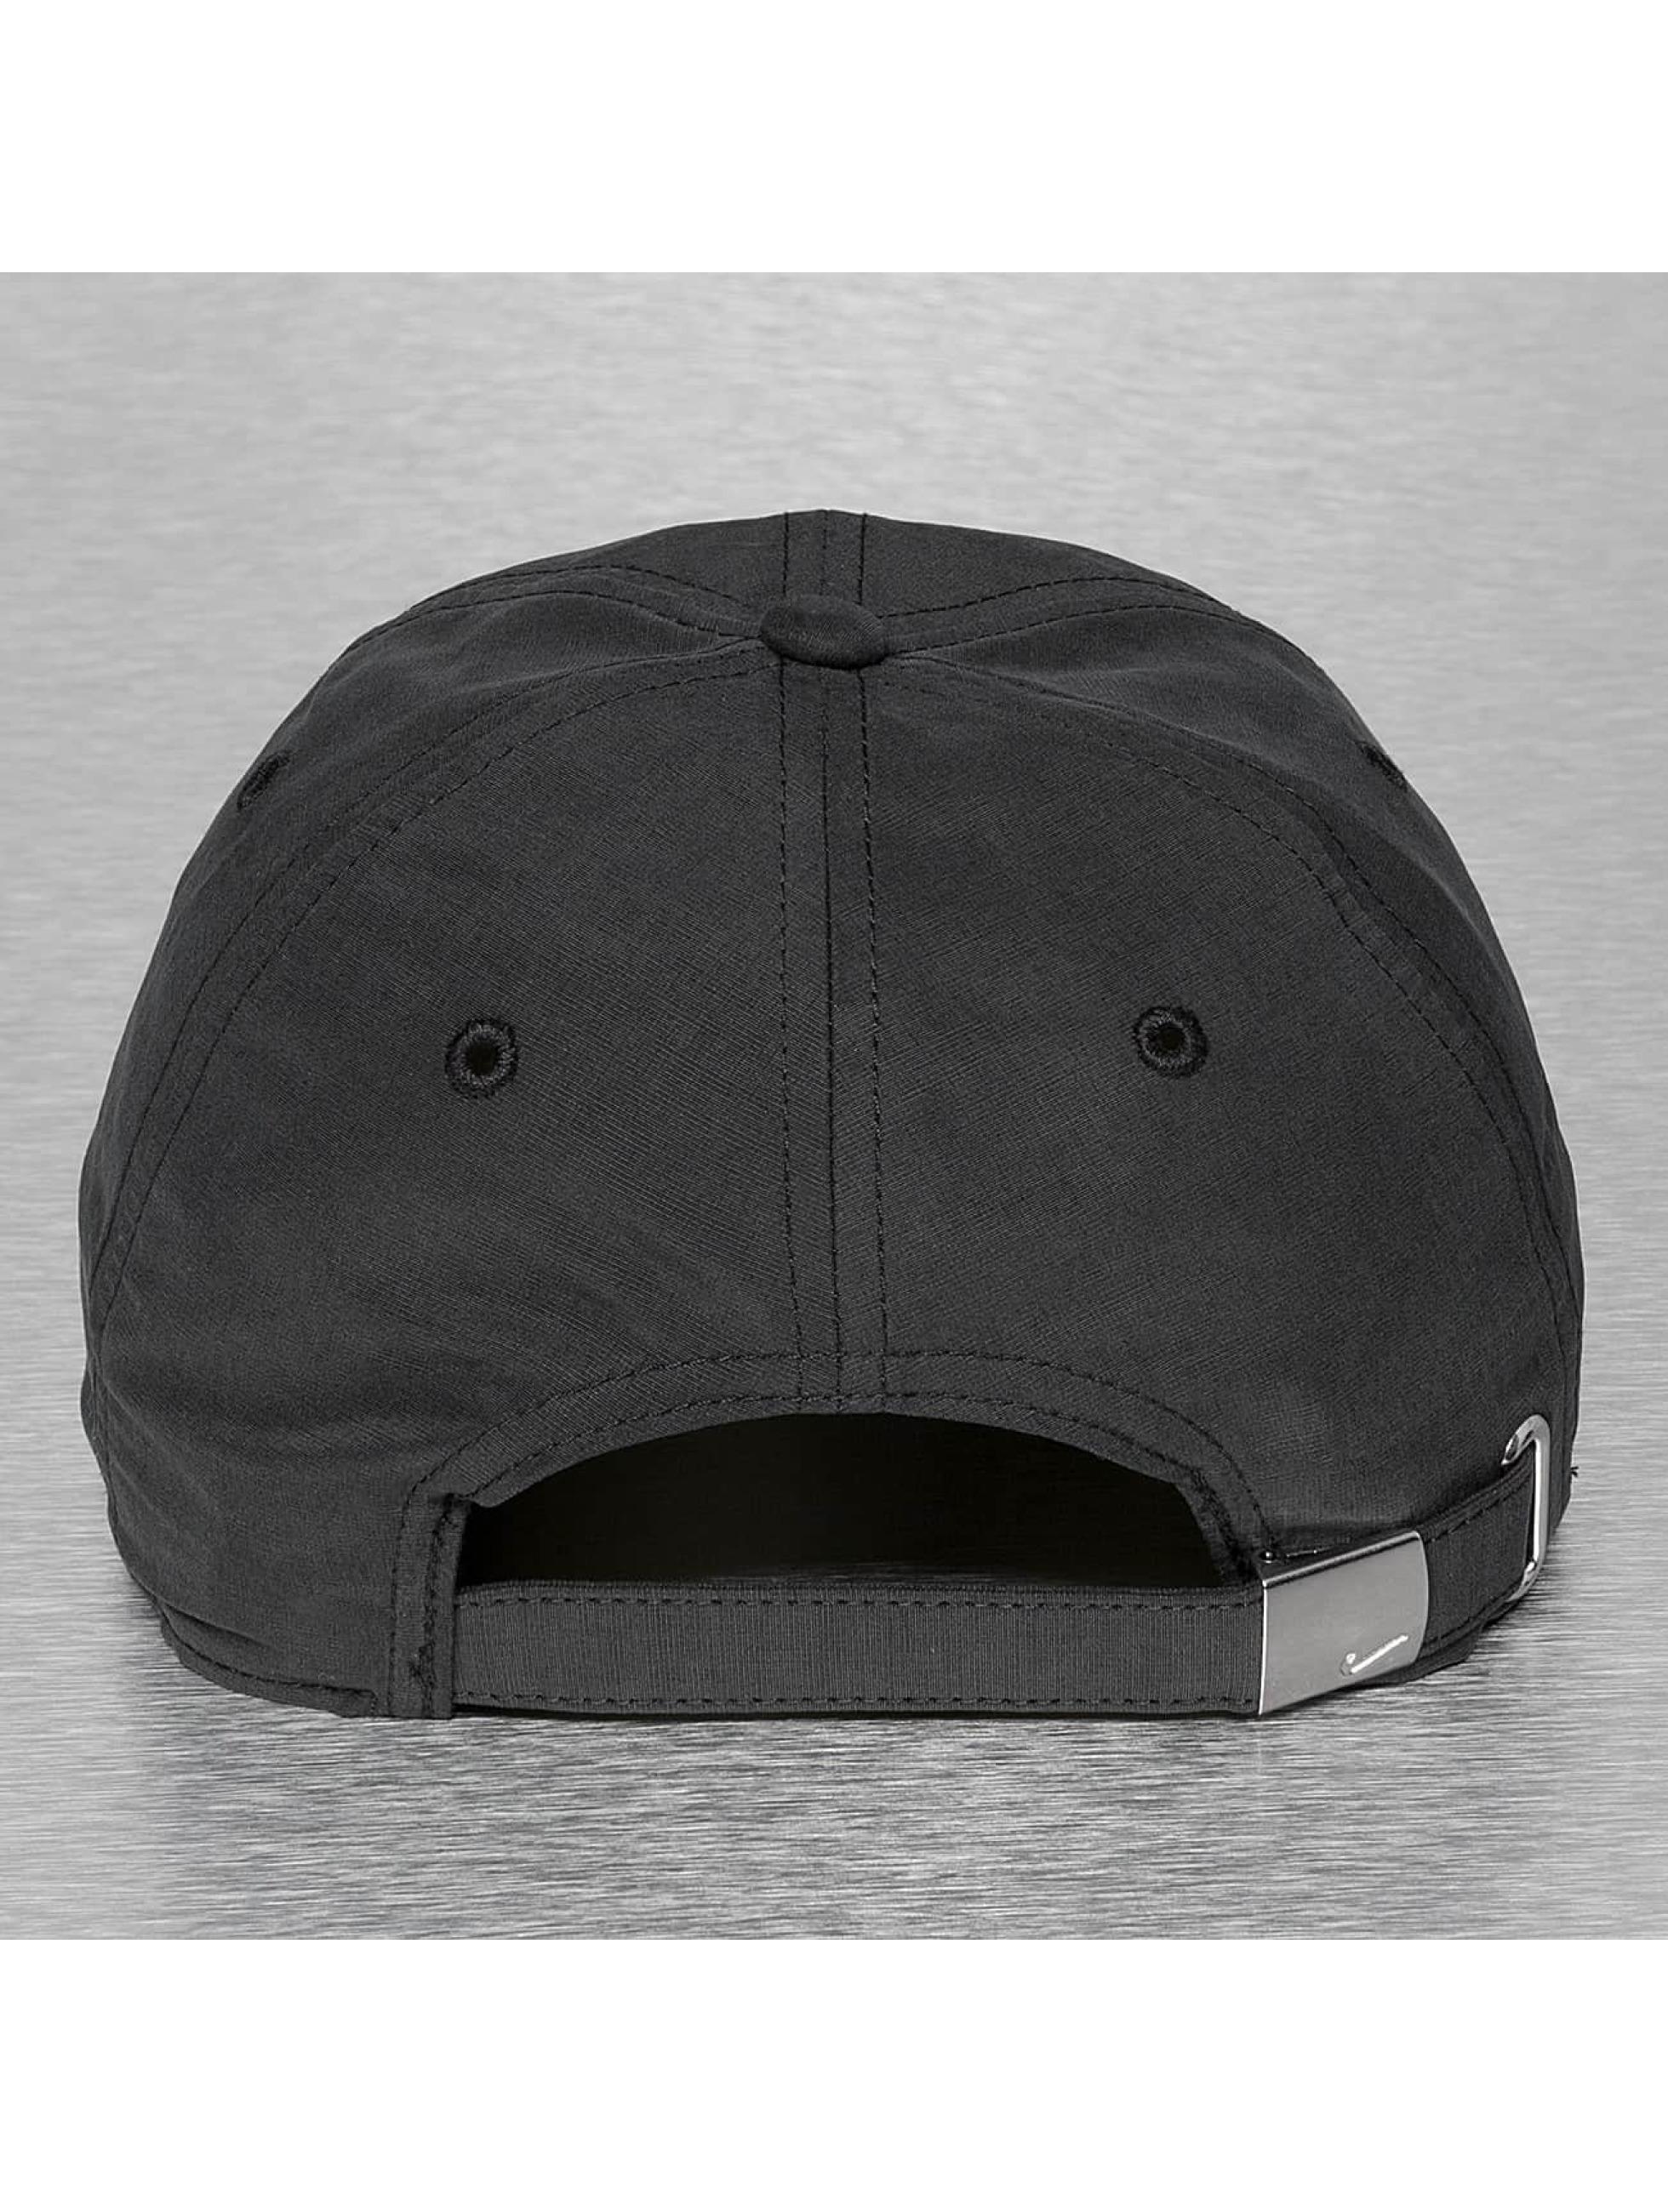 Nike Casquette / Snapback Metal Swoosh en noir